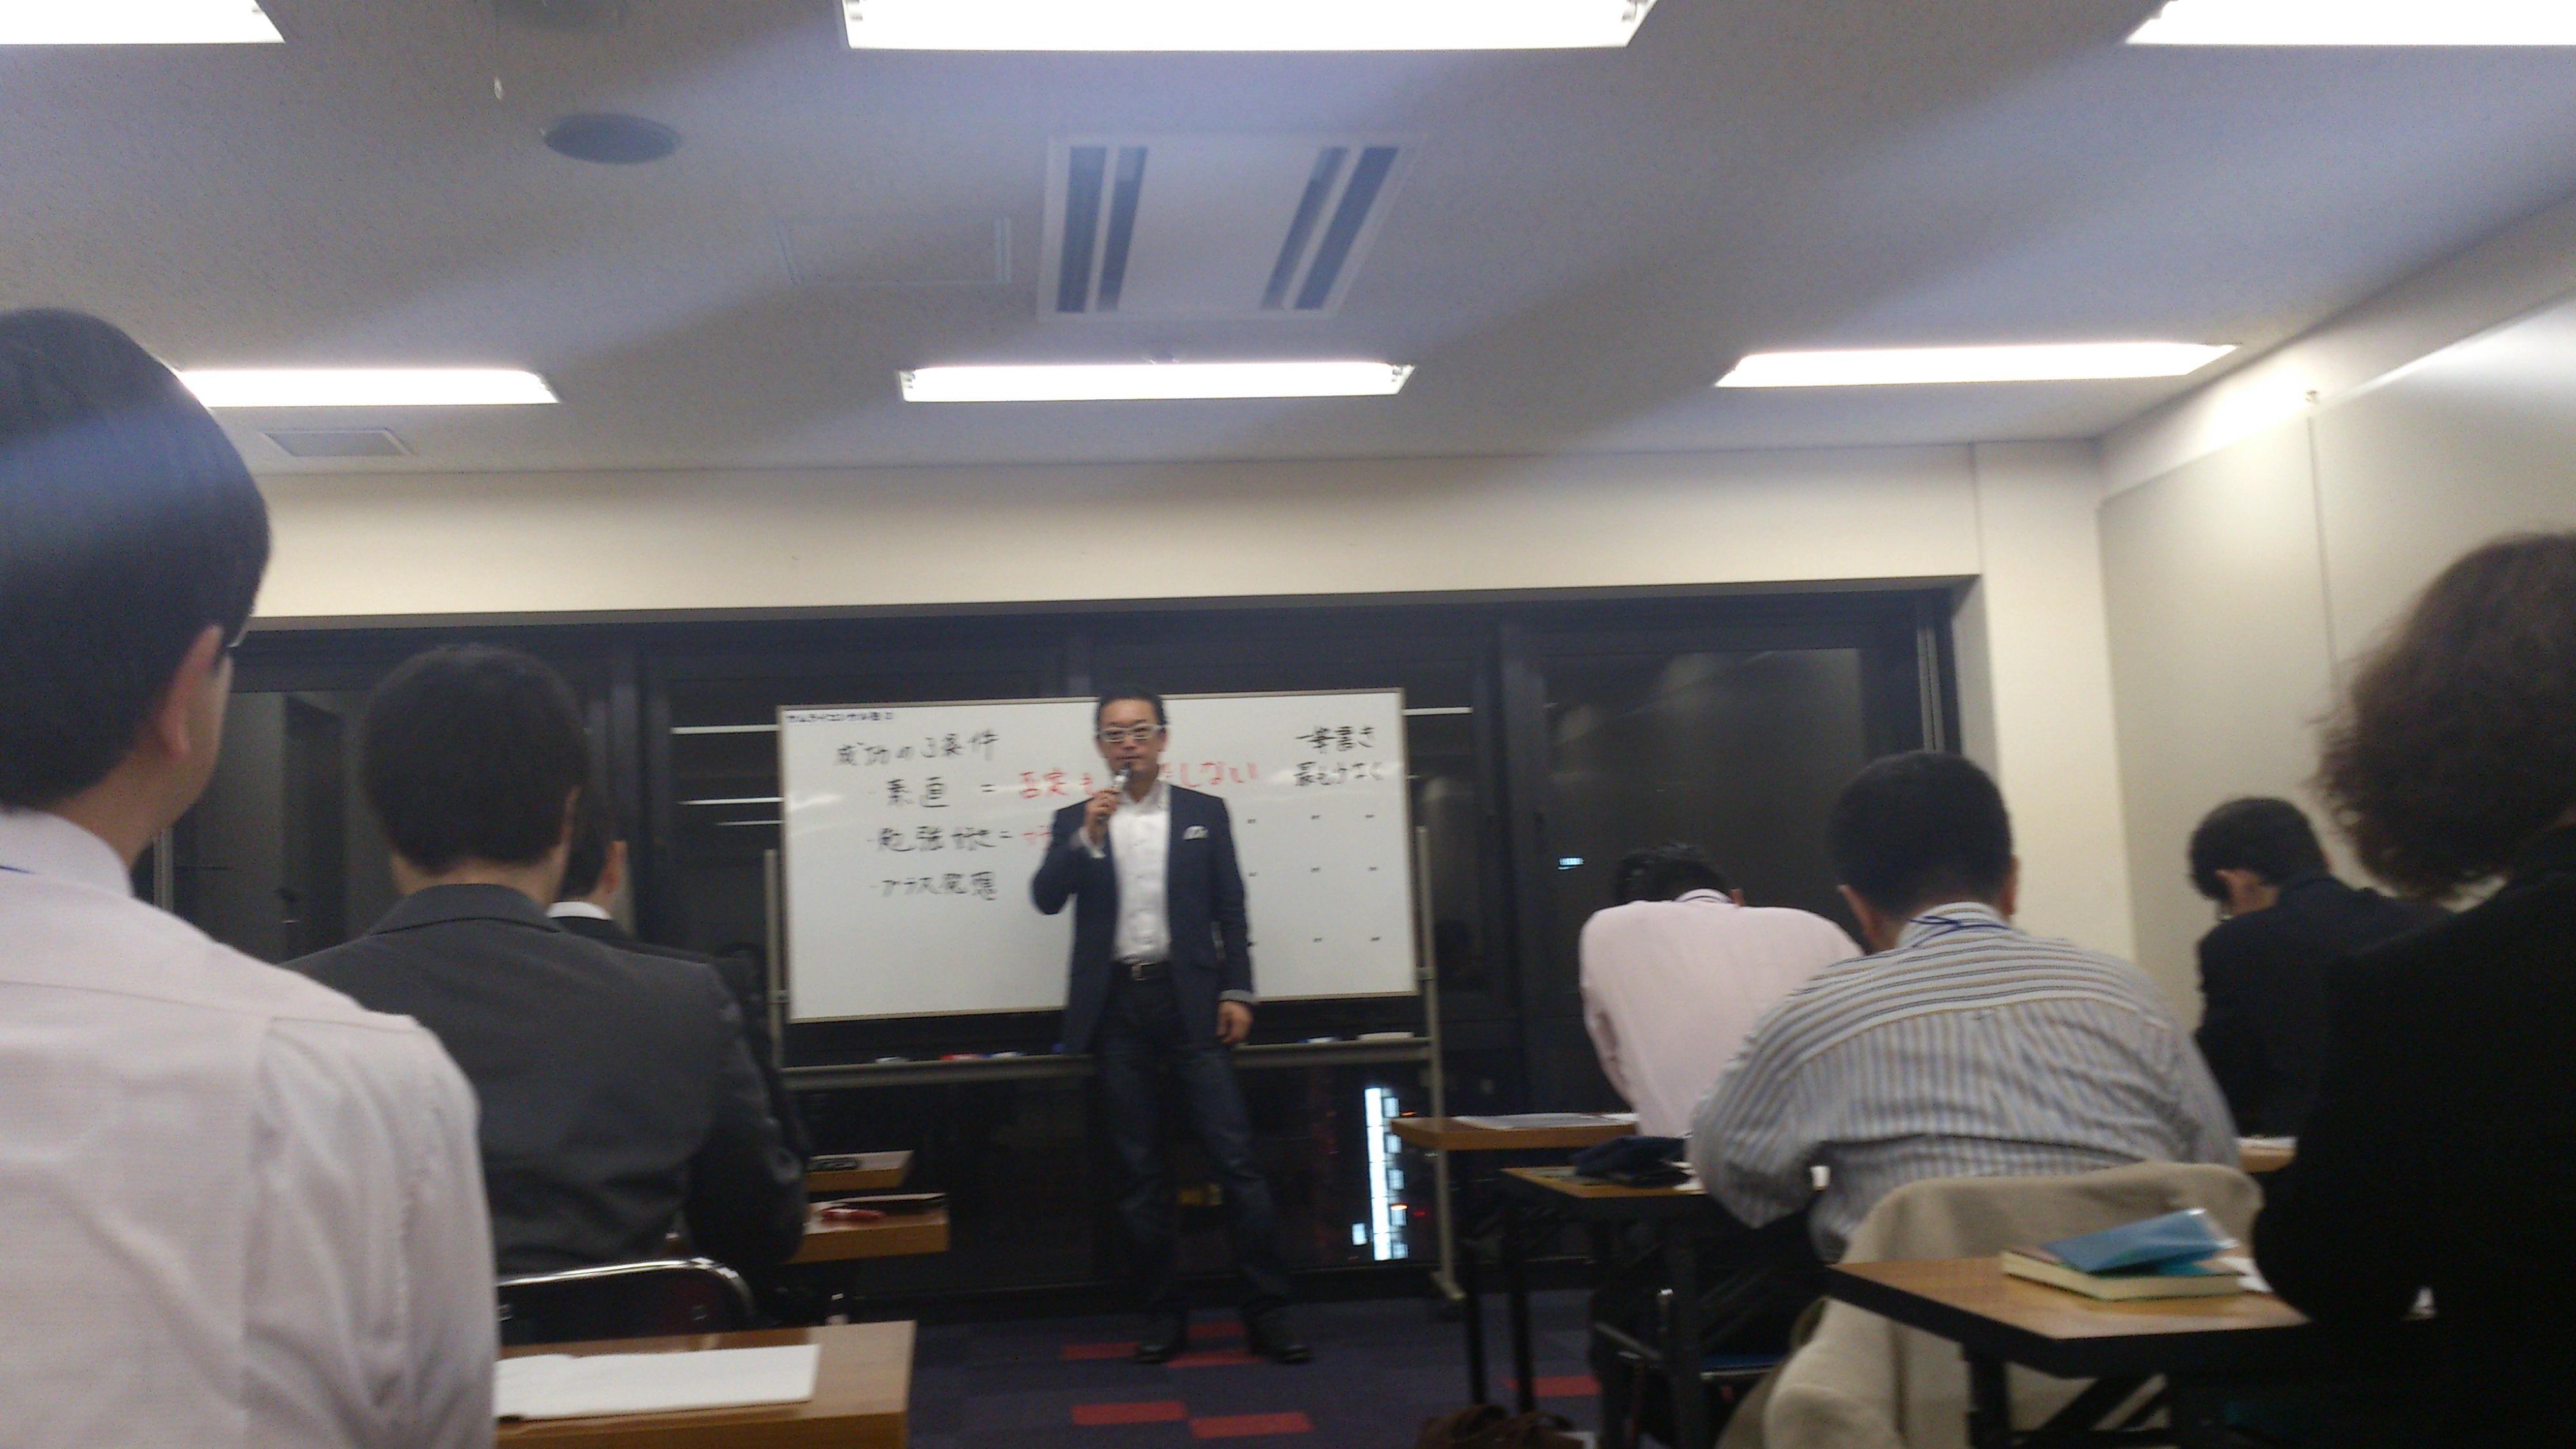 2013.4.16 サムコン大阪11 2講義.jpg